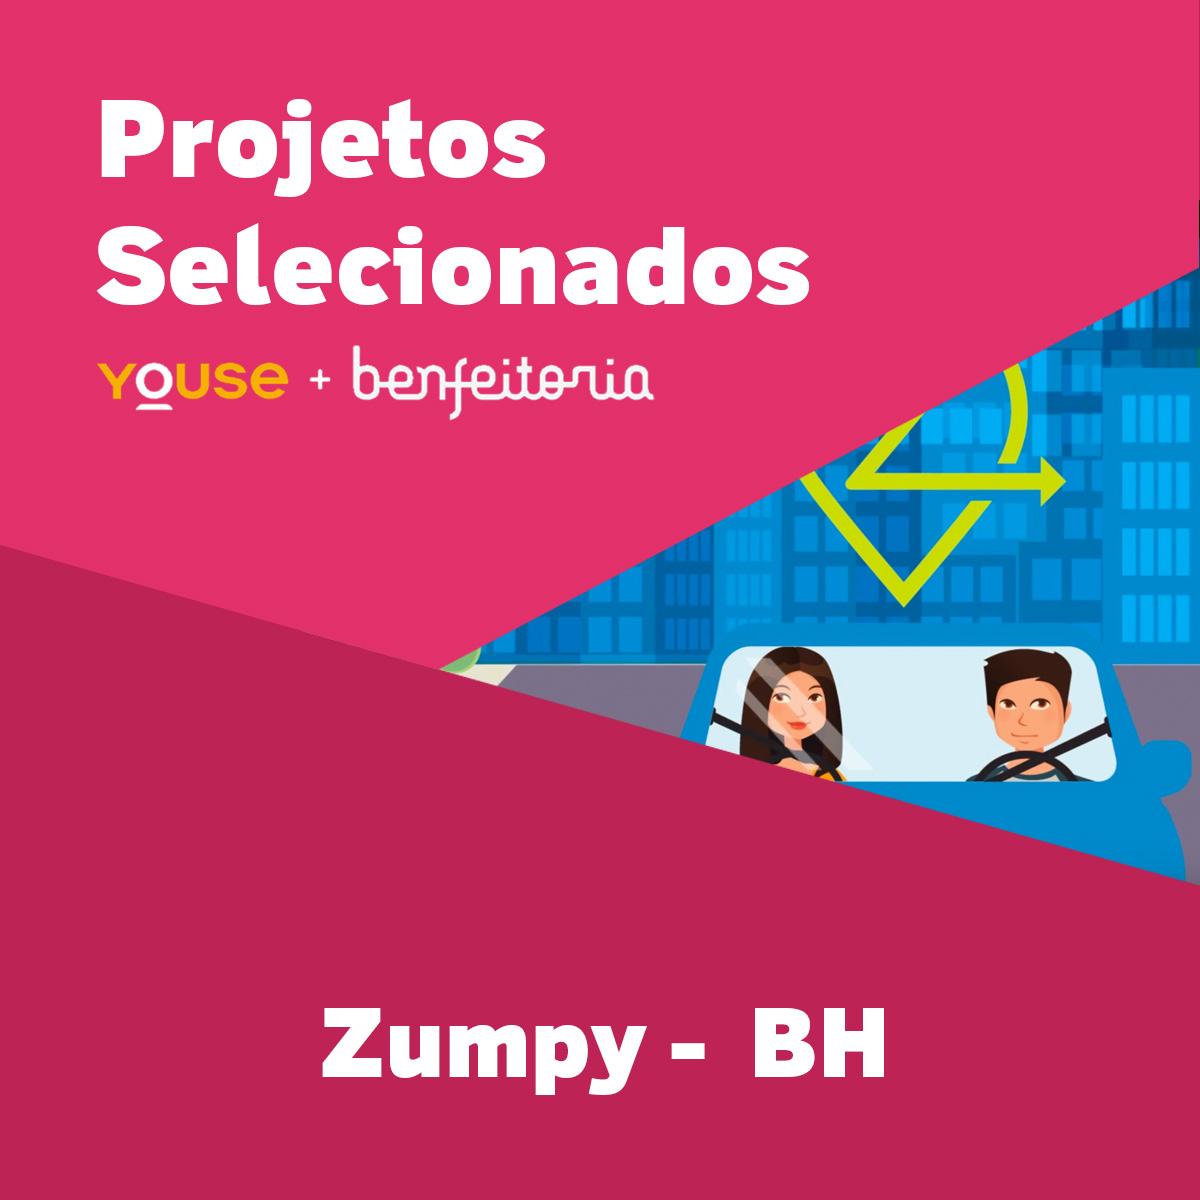 Projetos Selecionados - Zumpy - BH